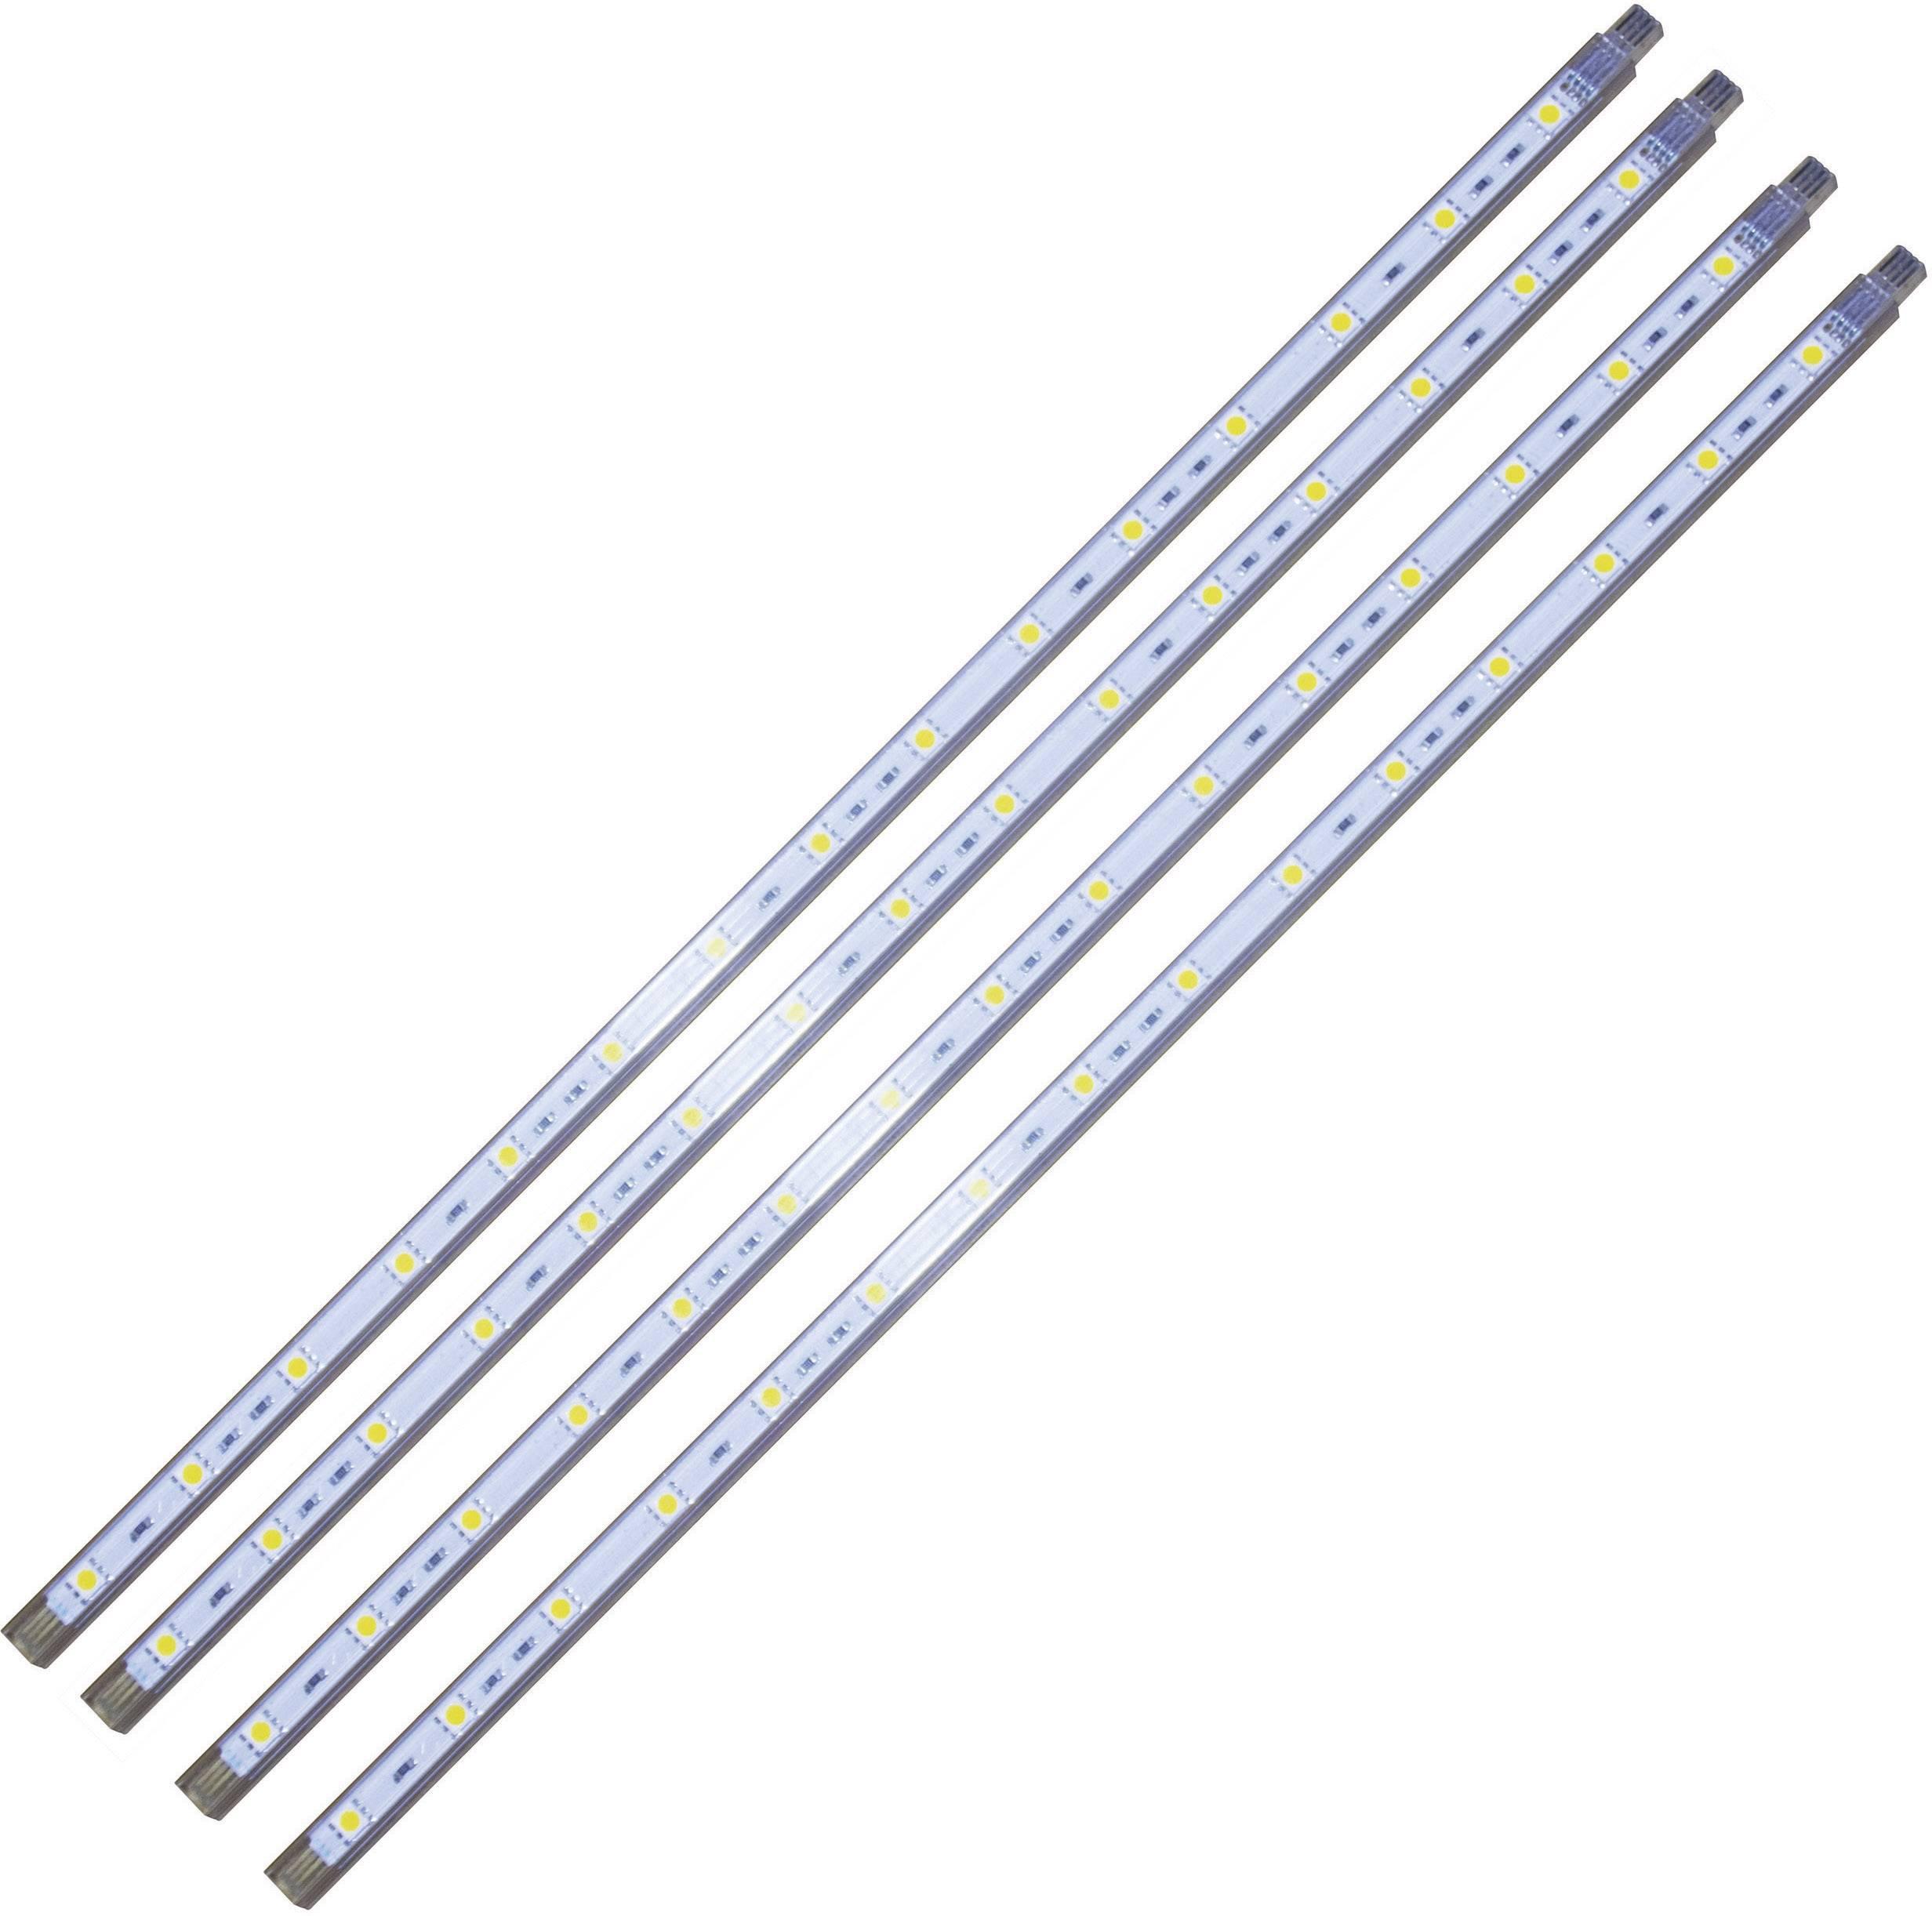 Sada dekoračních LED lišt Müller Licht, 4x 40 cm, bílá (57004)